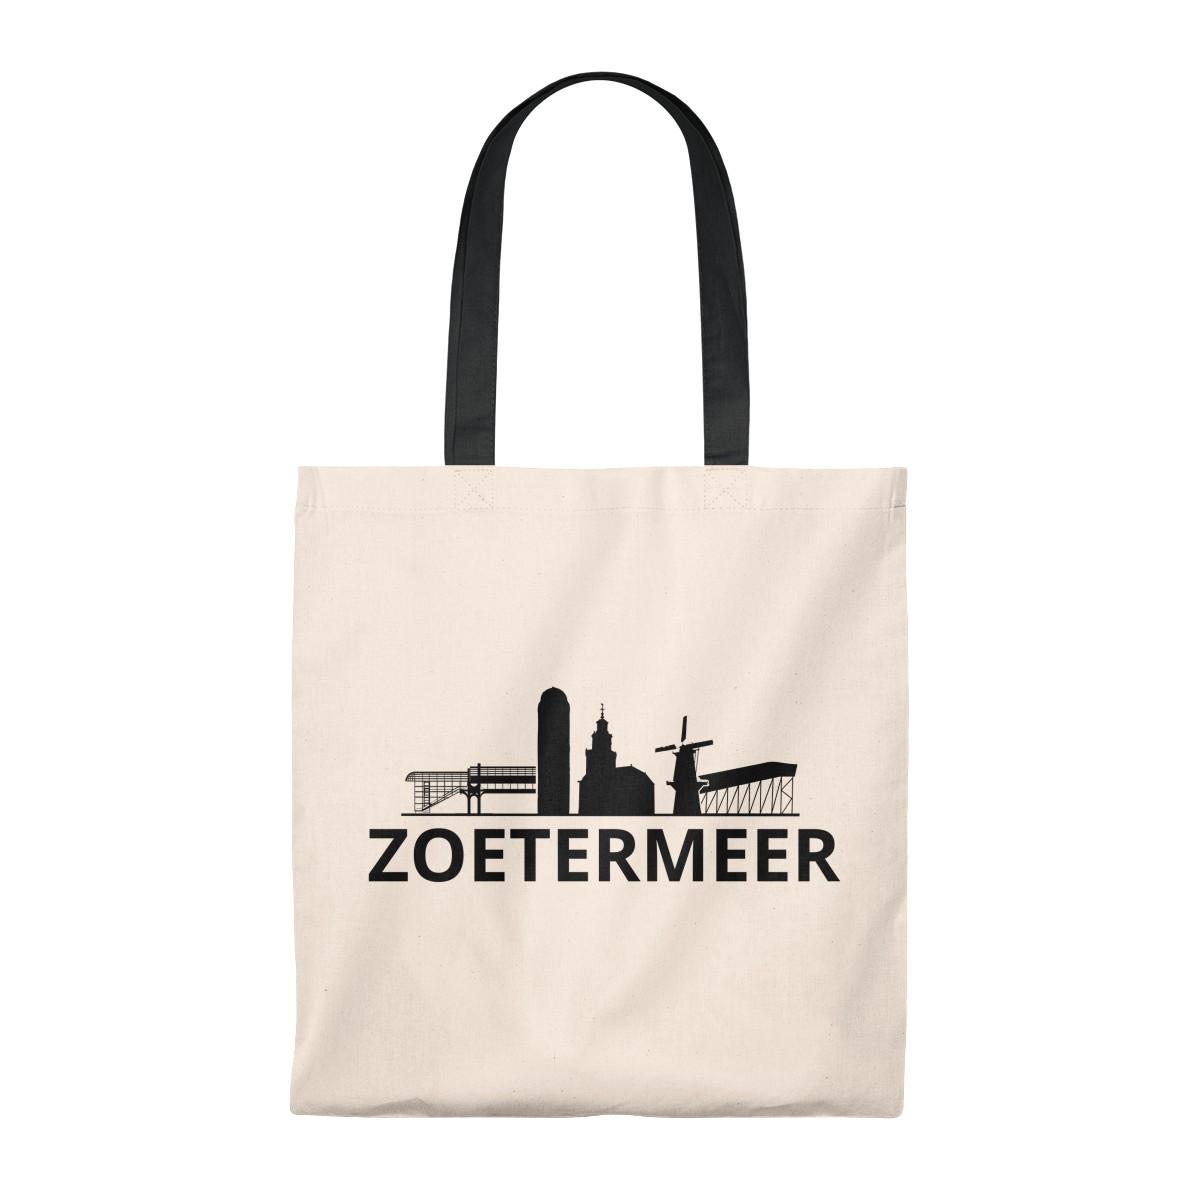 b9d3f571c19 Zoetermeer tas - Vintage - Print Skyline.nl